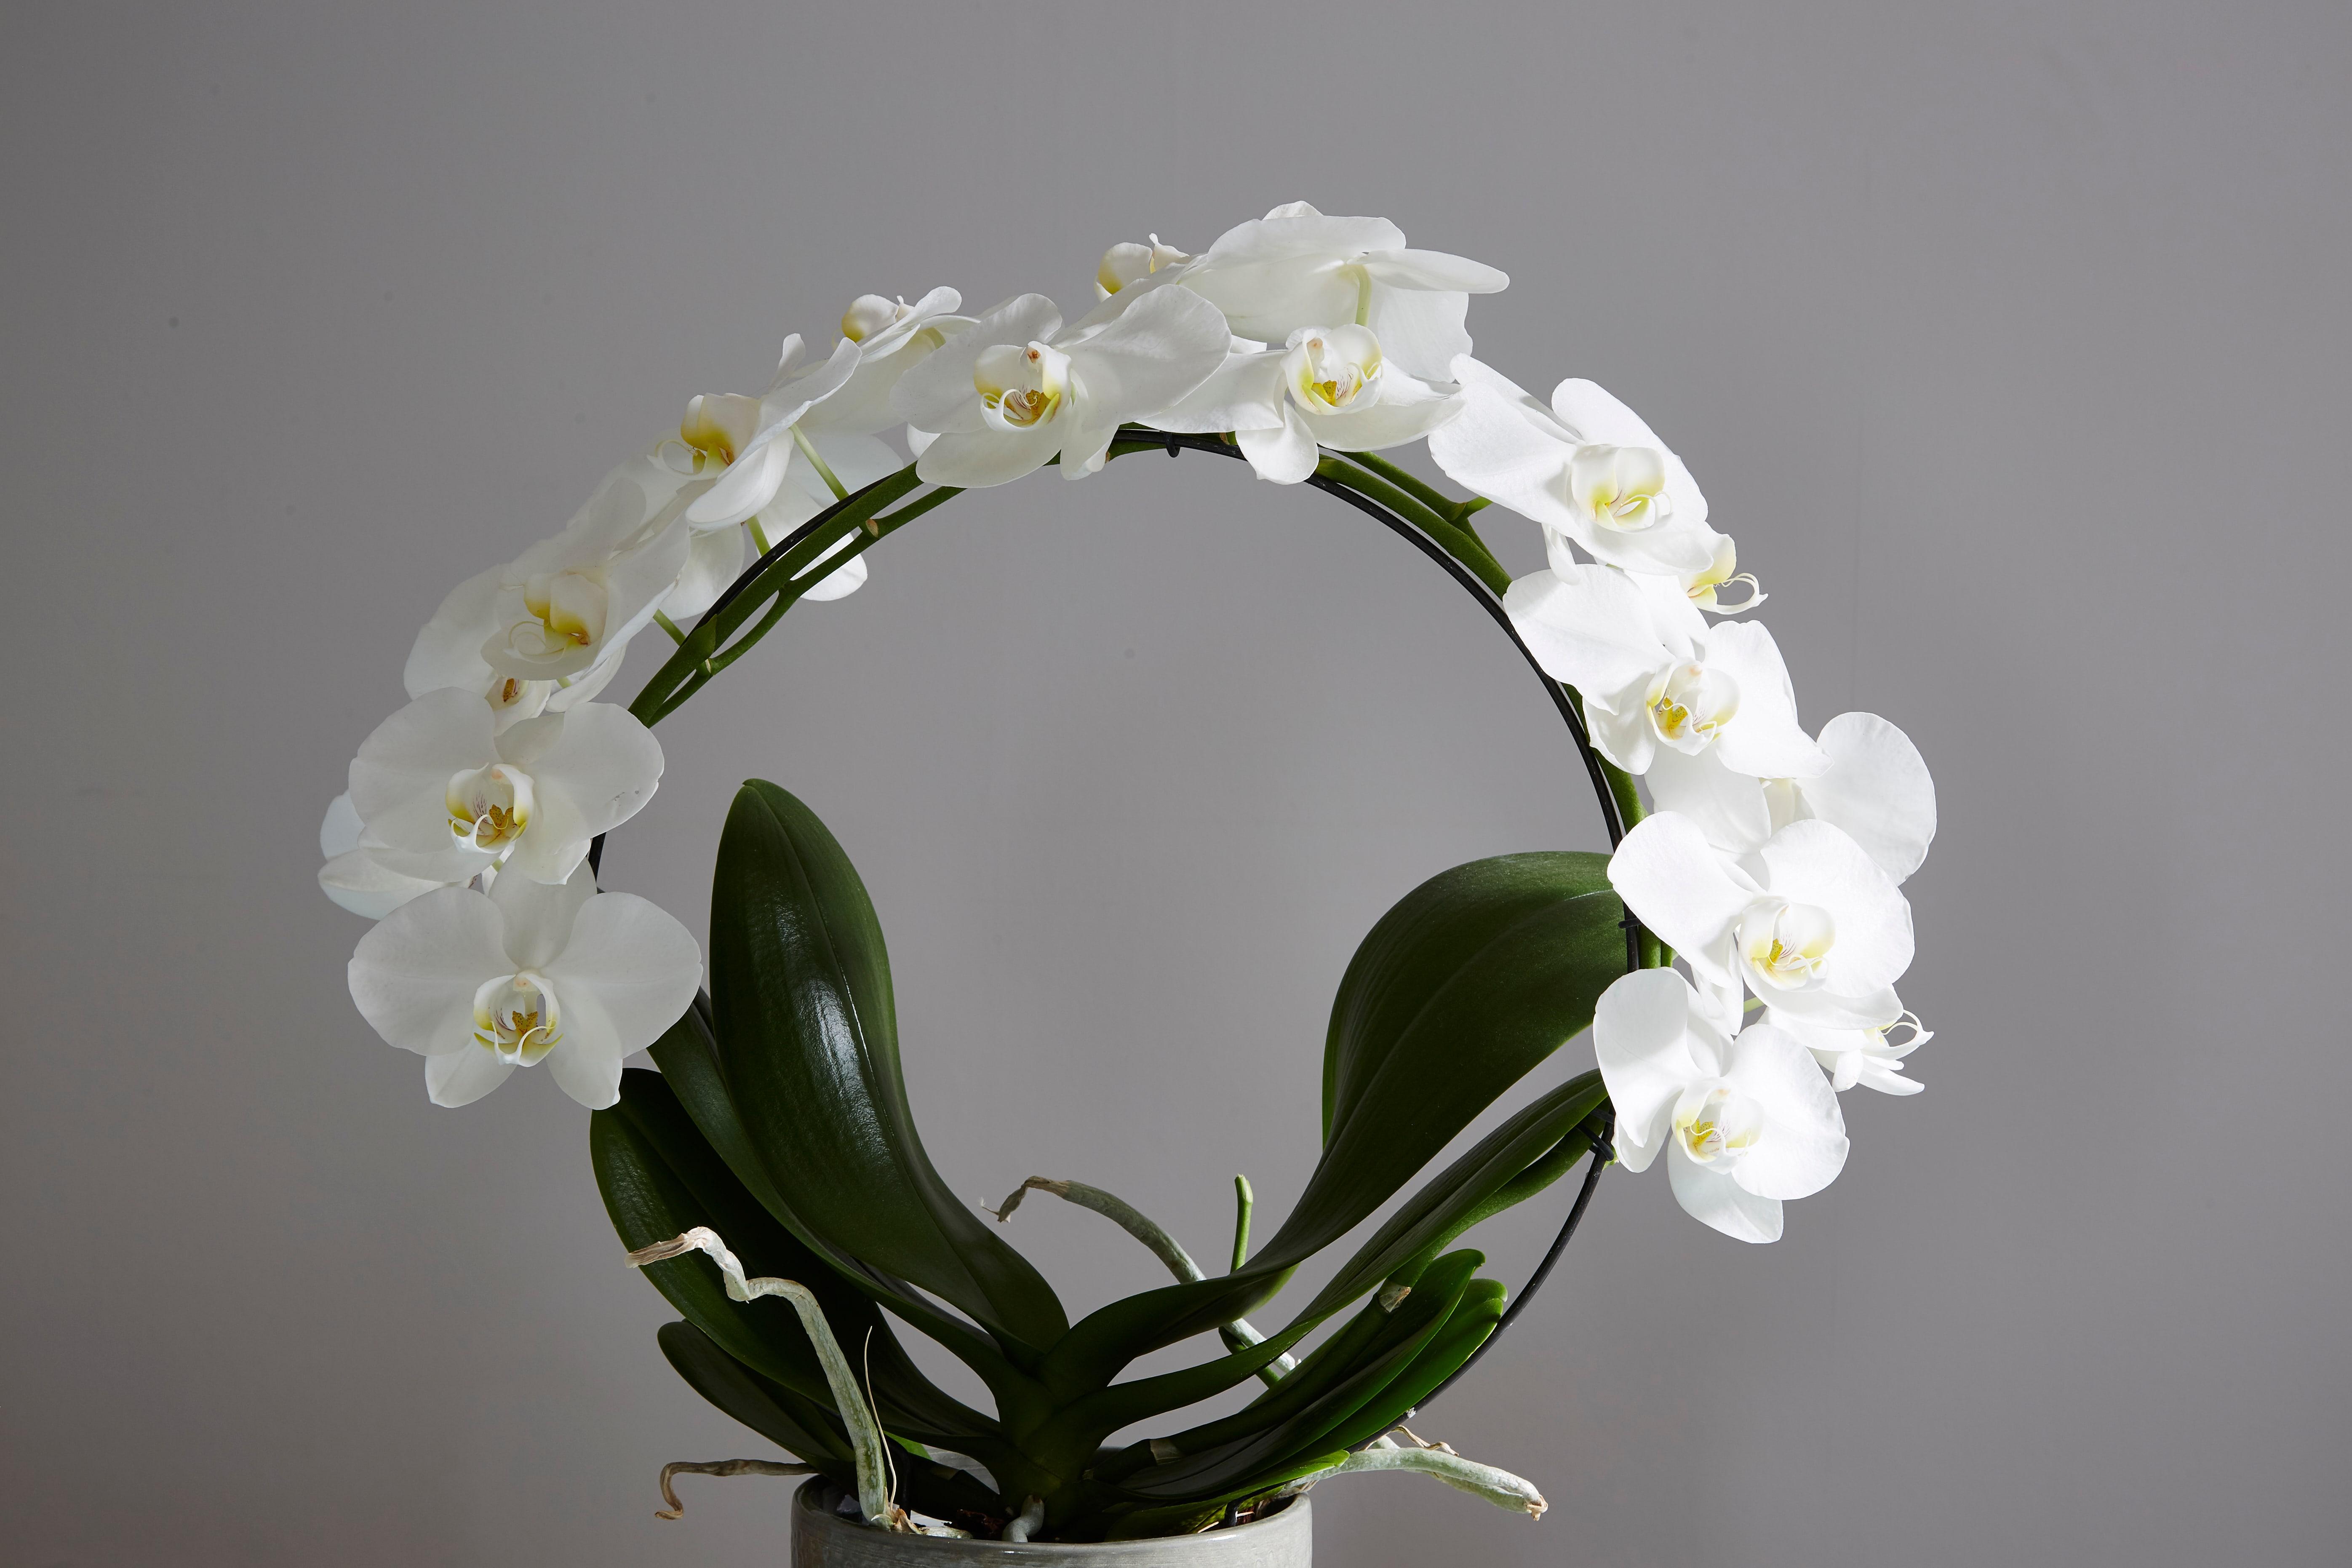 白い輪の胡蝶蘭